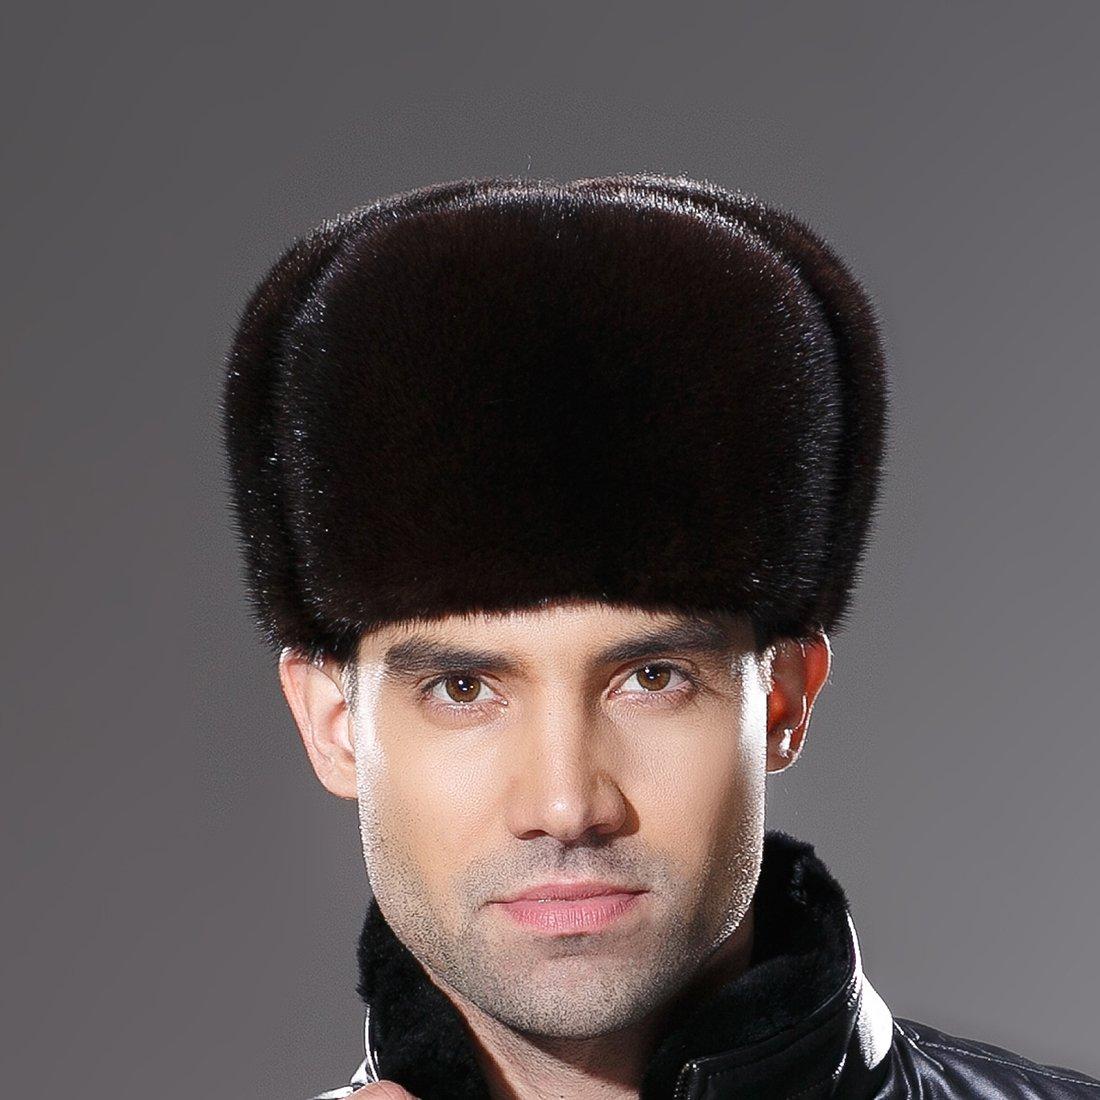 URSFUR Russian Fur Ushanka Hat Mens Winter Real Min Fur Trapper Cap Brown L by URSFUR (Image #3)